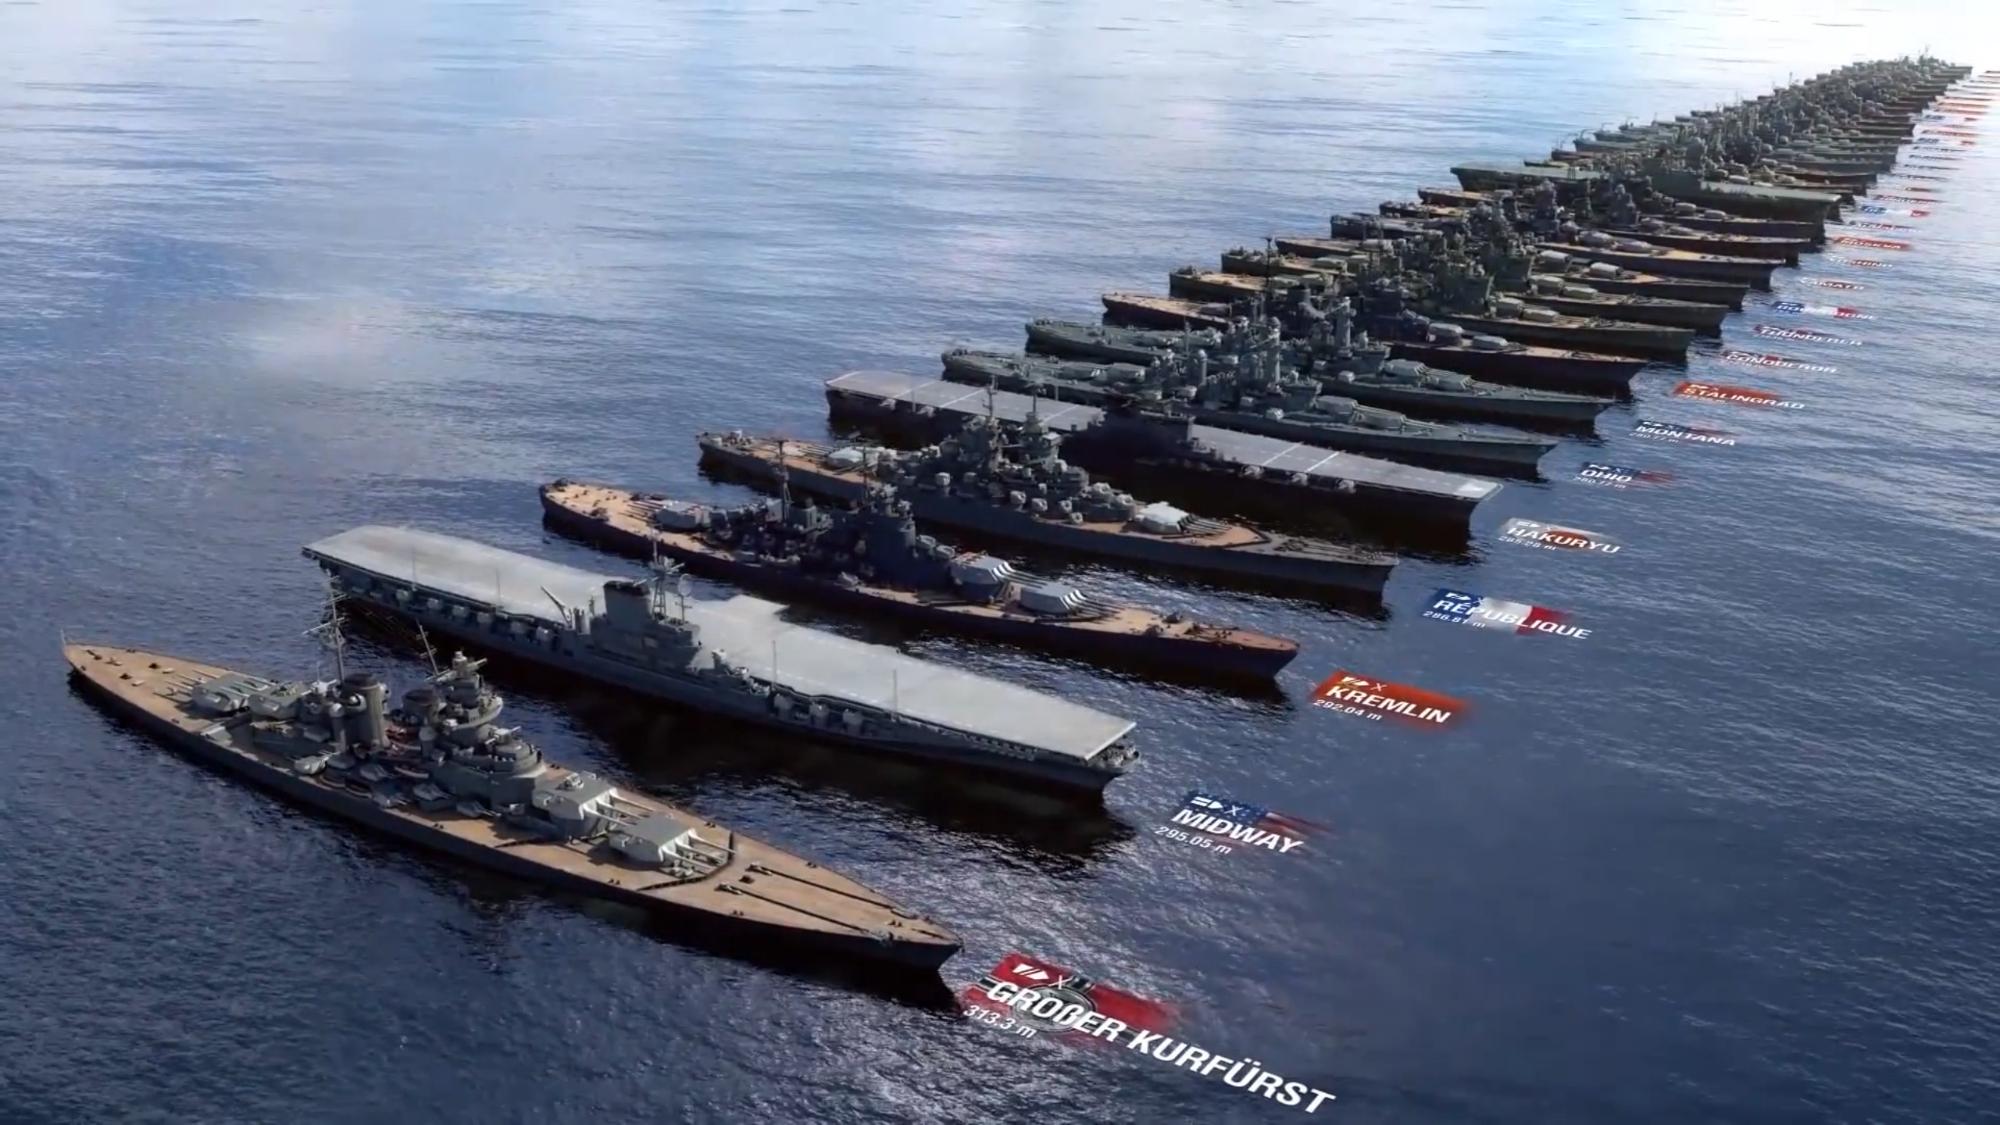 战舰世界干船坞:战舰尺寸比较 从最小的驱逐舰到最大的战列舰!